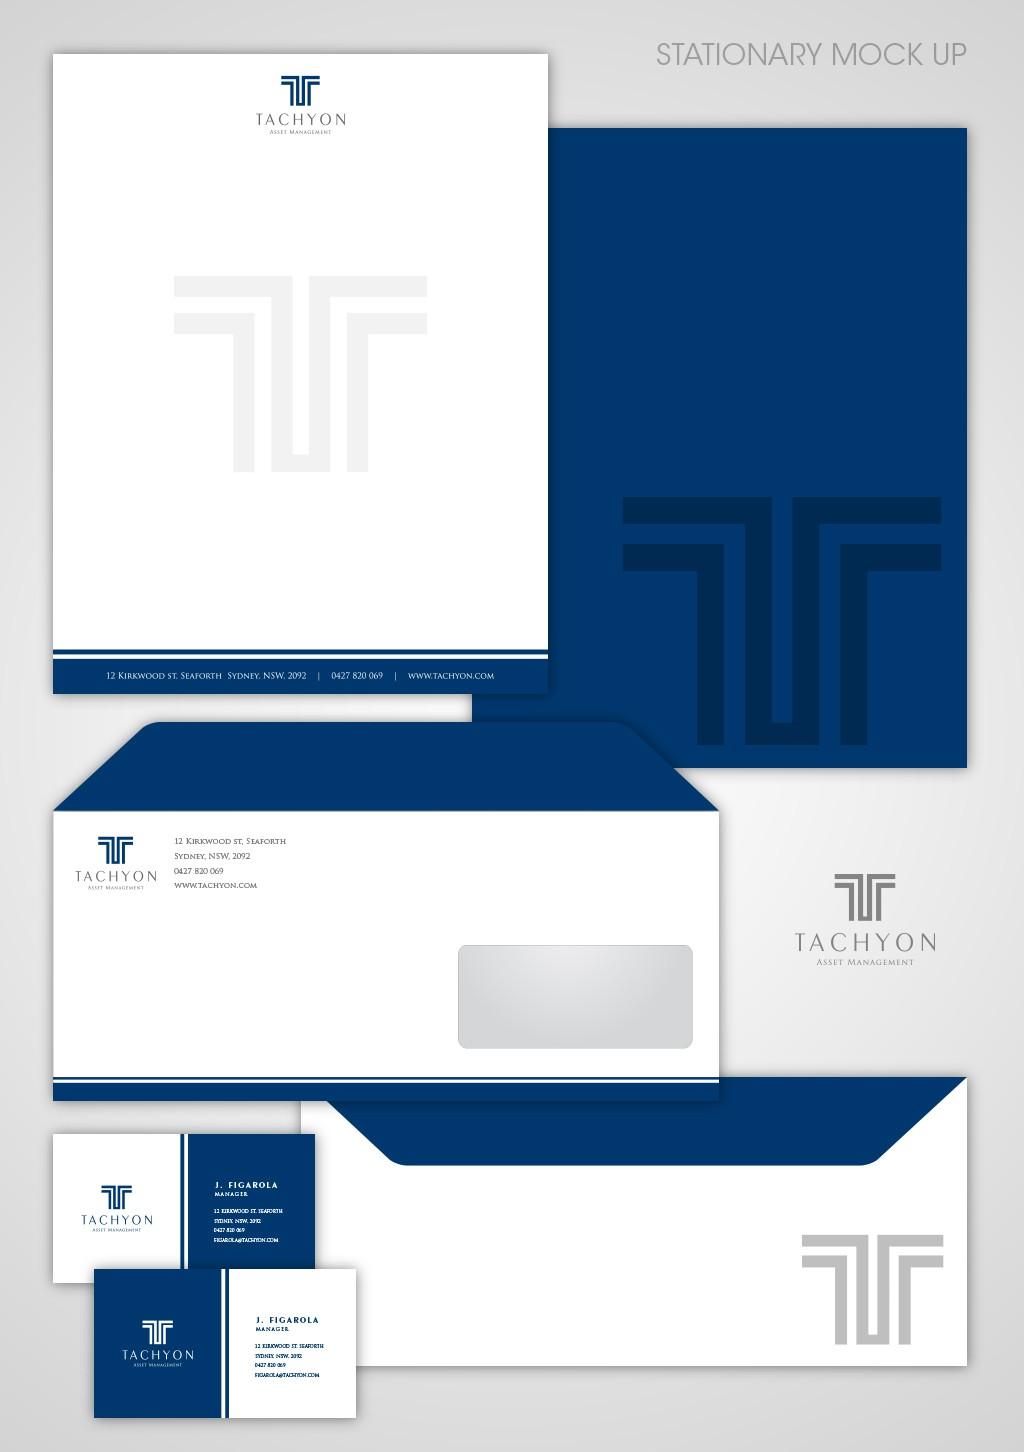 Tachyon Asset Management needs a new logo